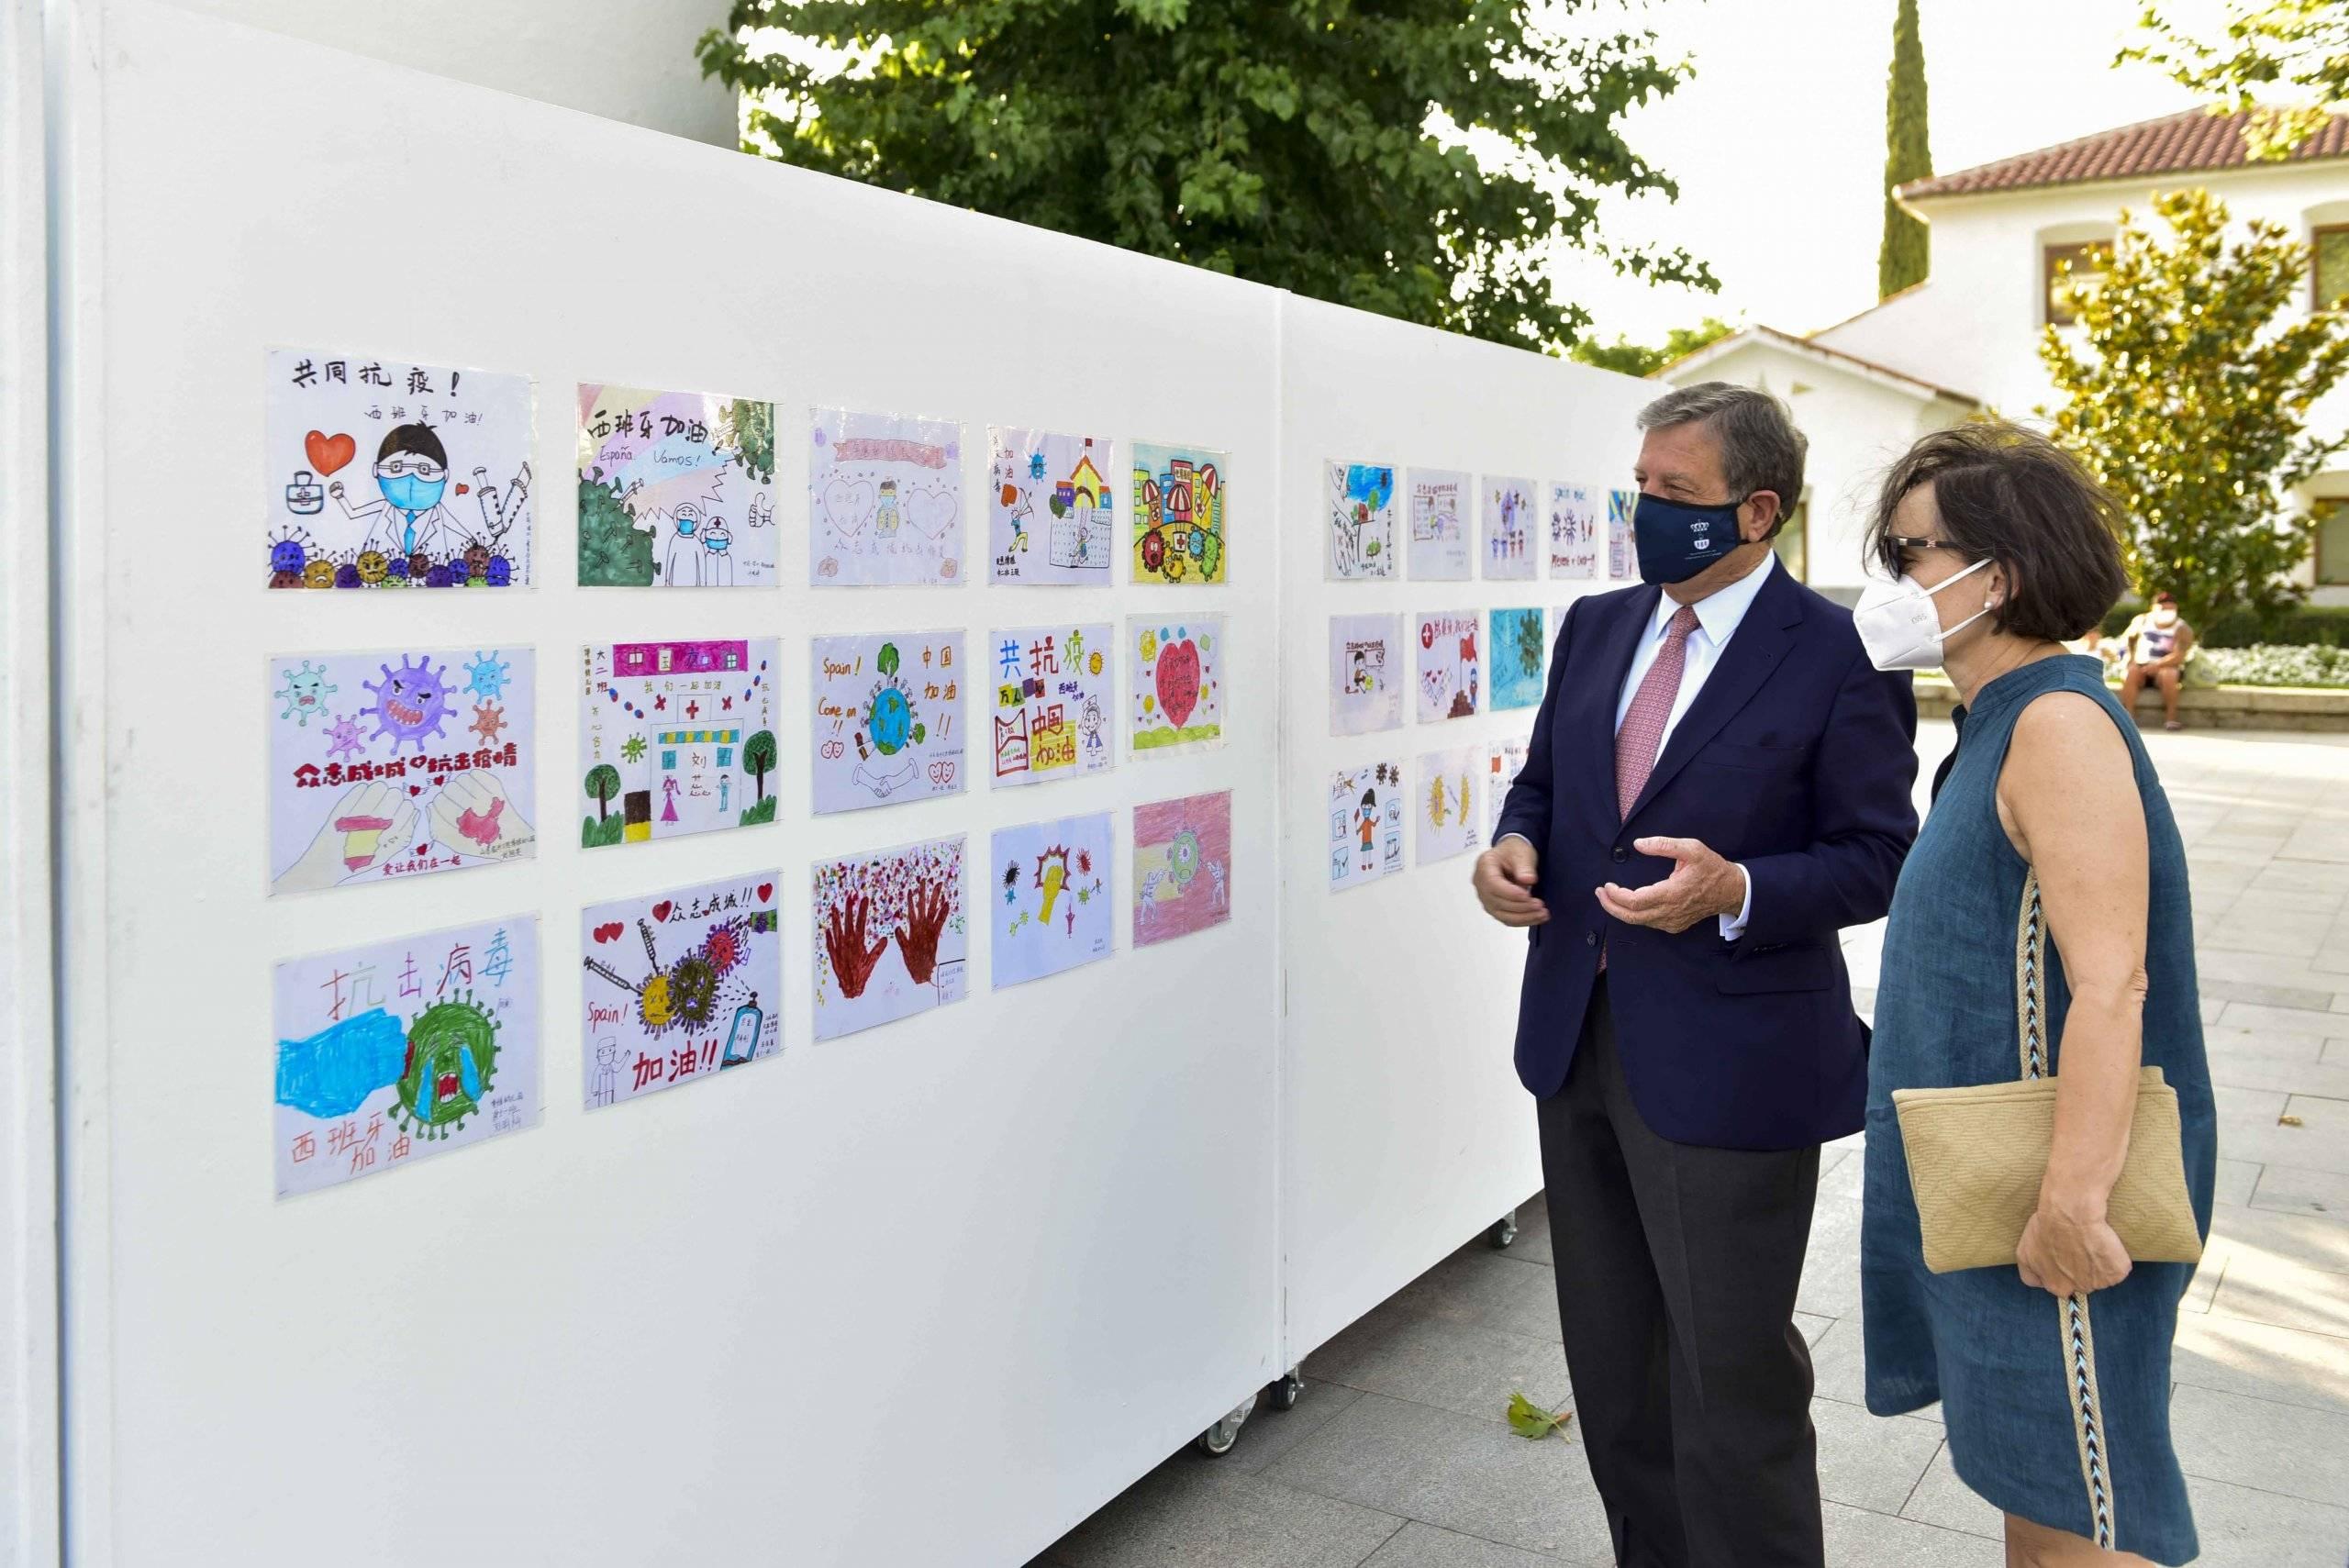 El alcalde, Luis Partida, visitando la exposición de dibujos realizados por escolares de China.